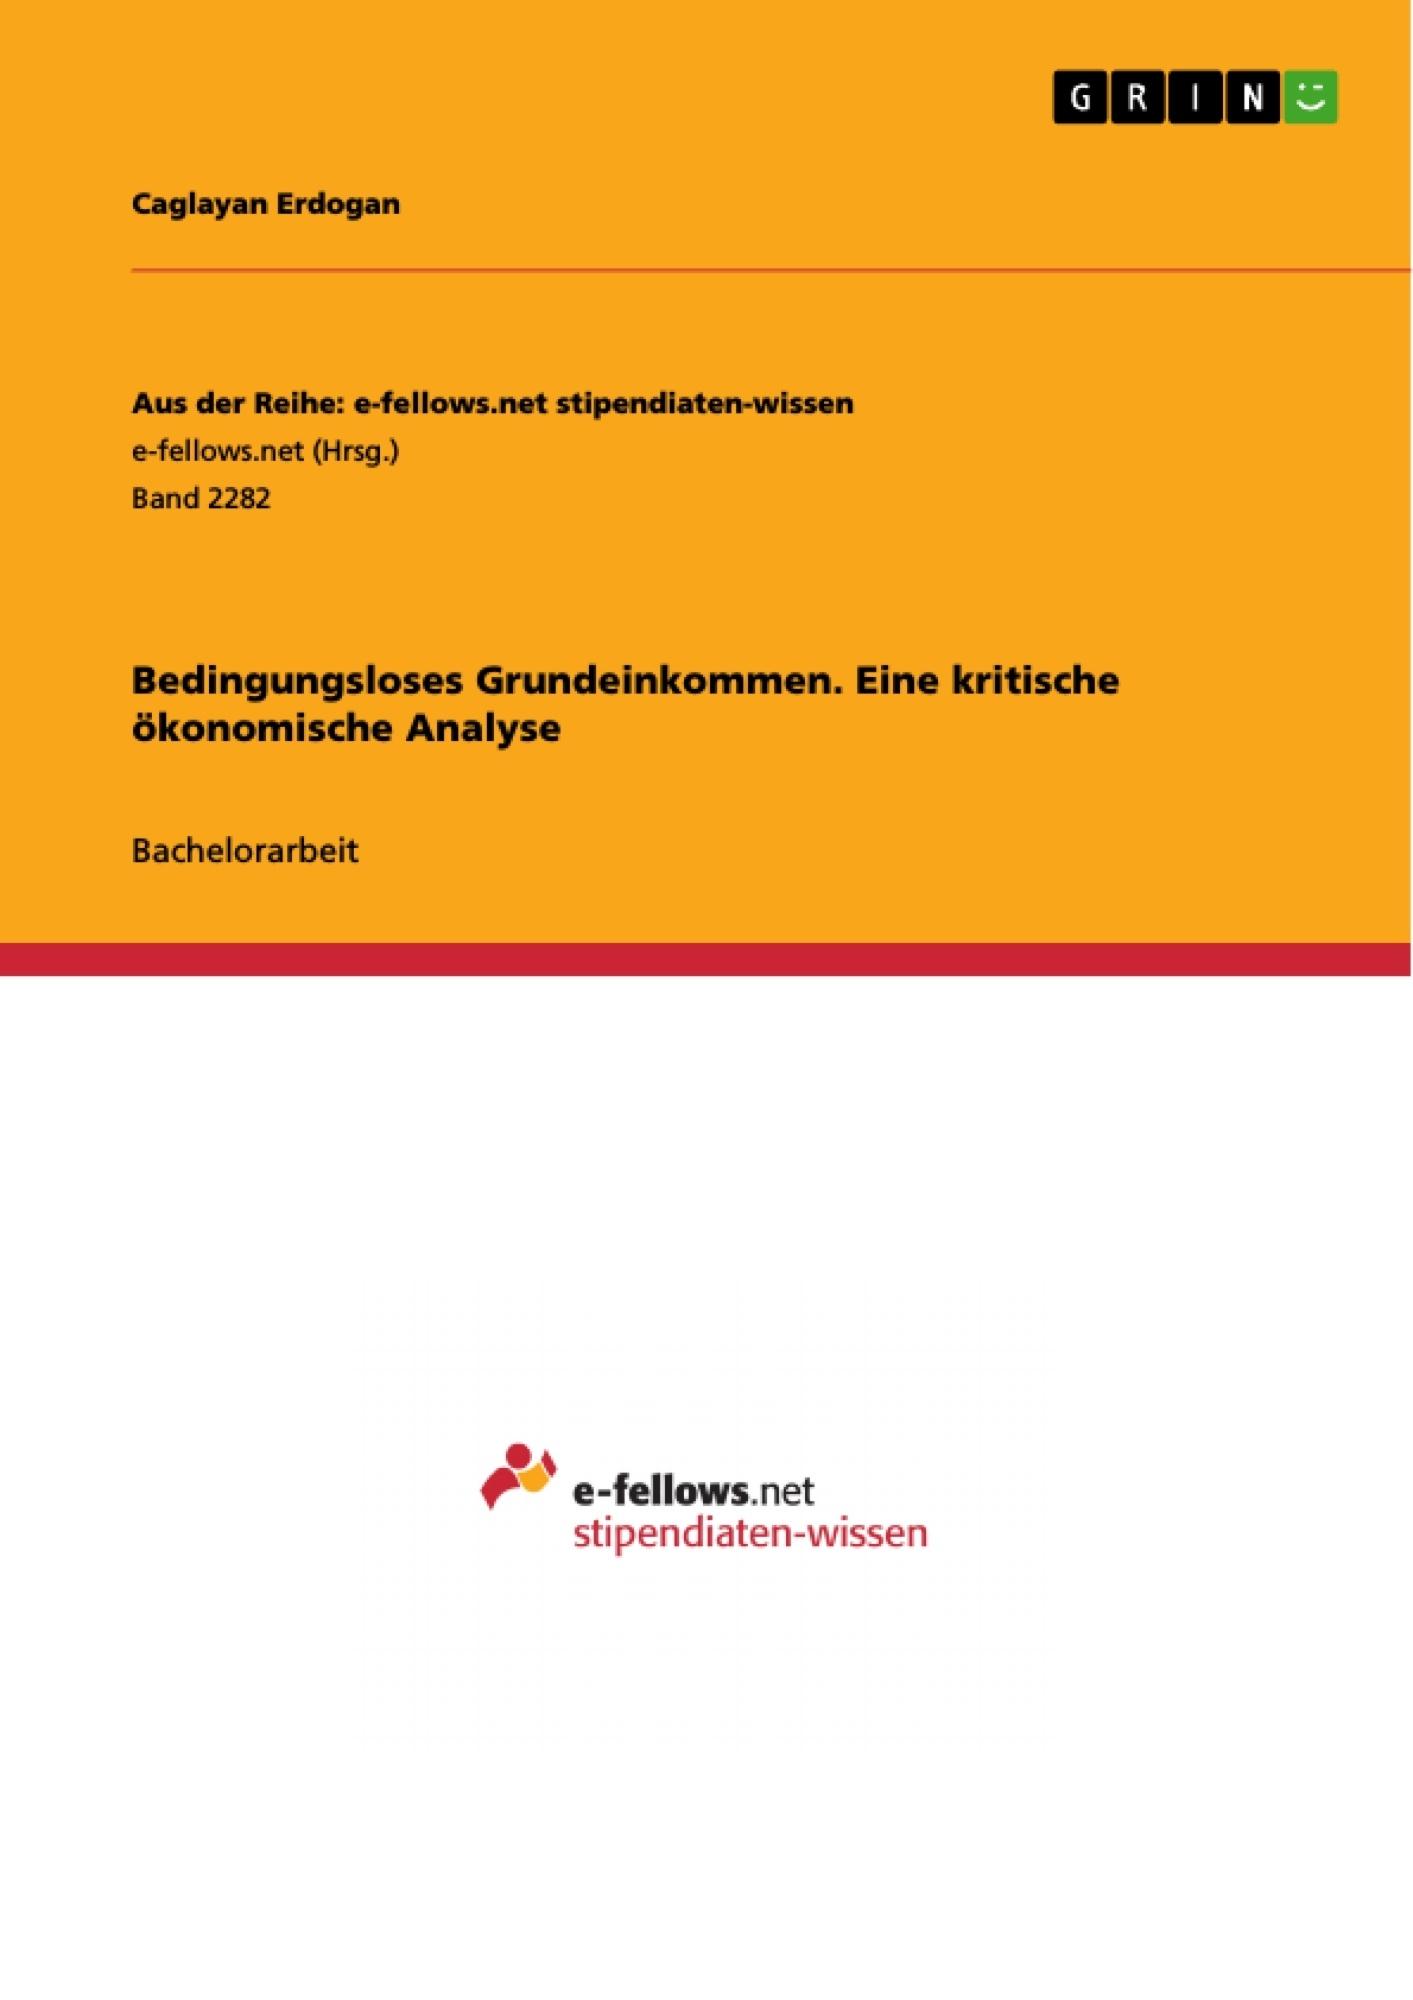 Titel: Bedingungsloses Grundeinkommen. Eine kritische ökonomische Analyse